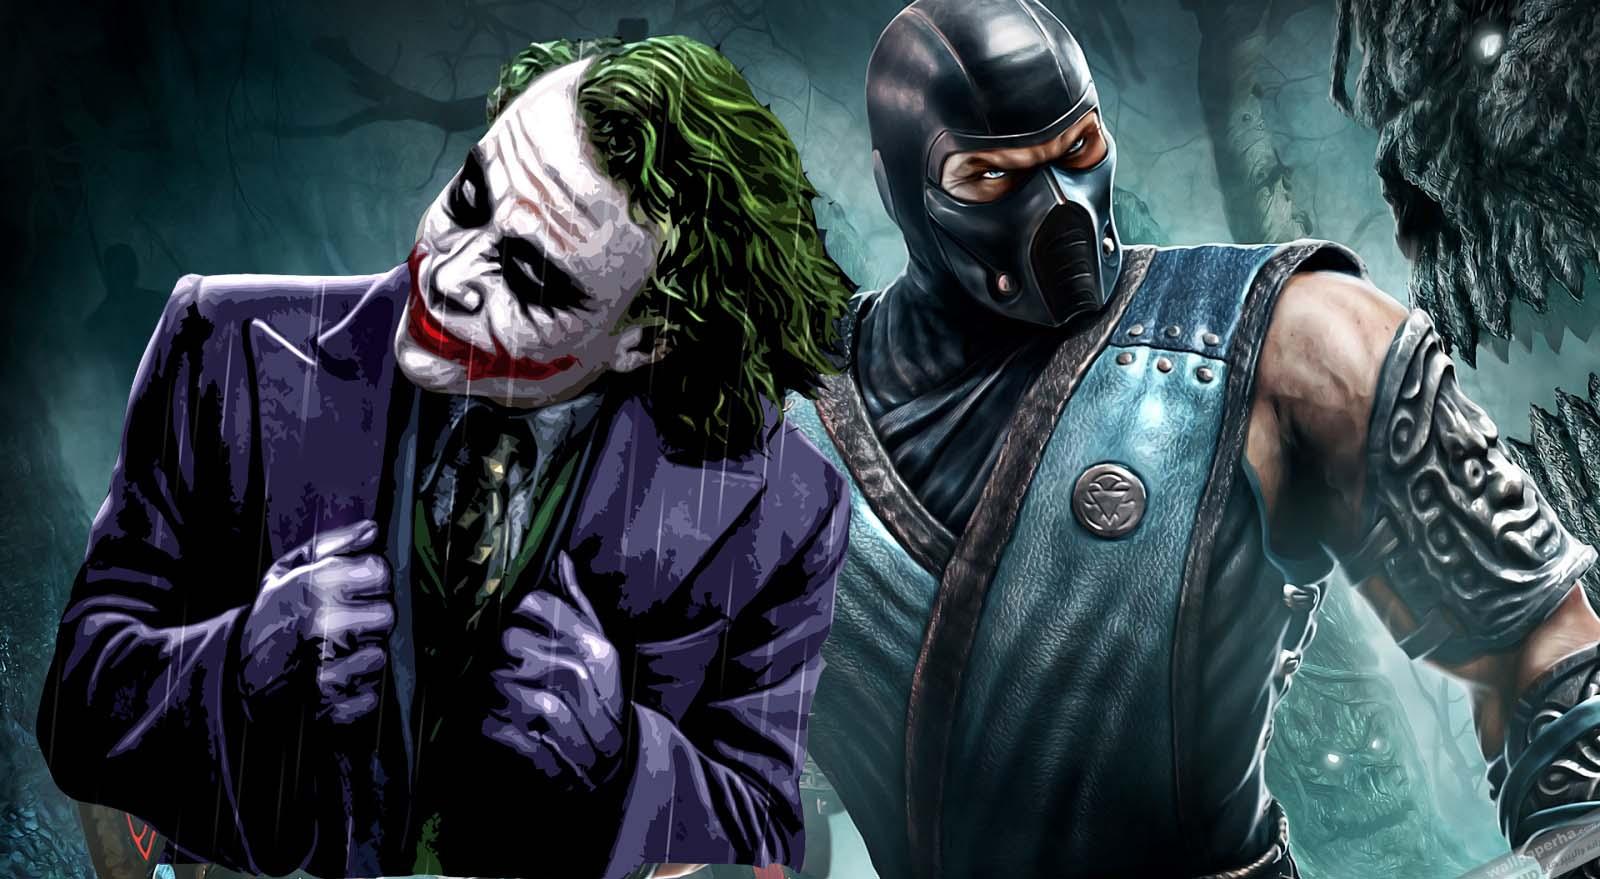 دانلود میکس pictures of joker (عکسهایی از جوکر)